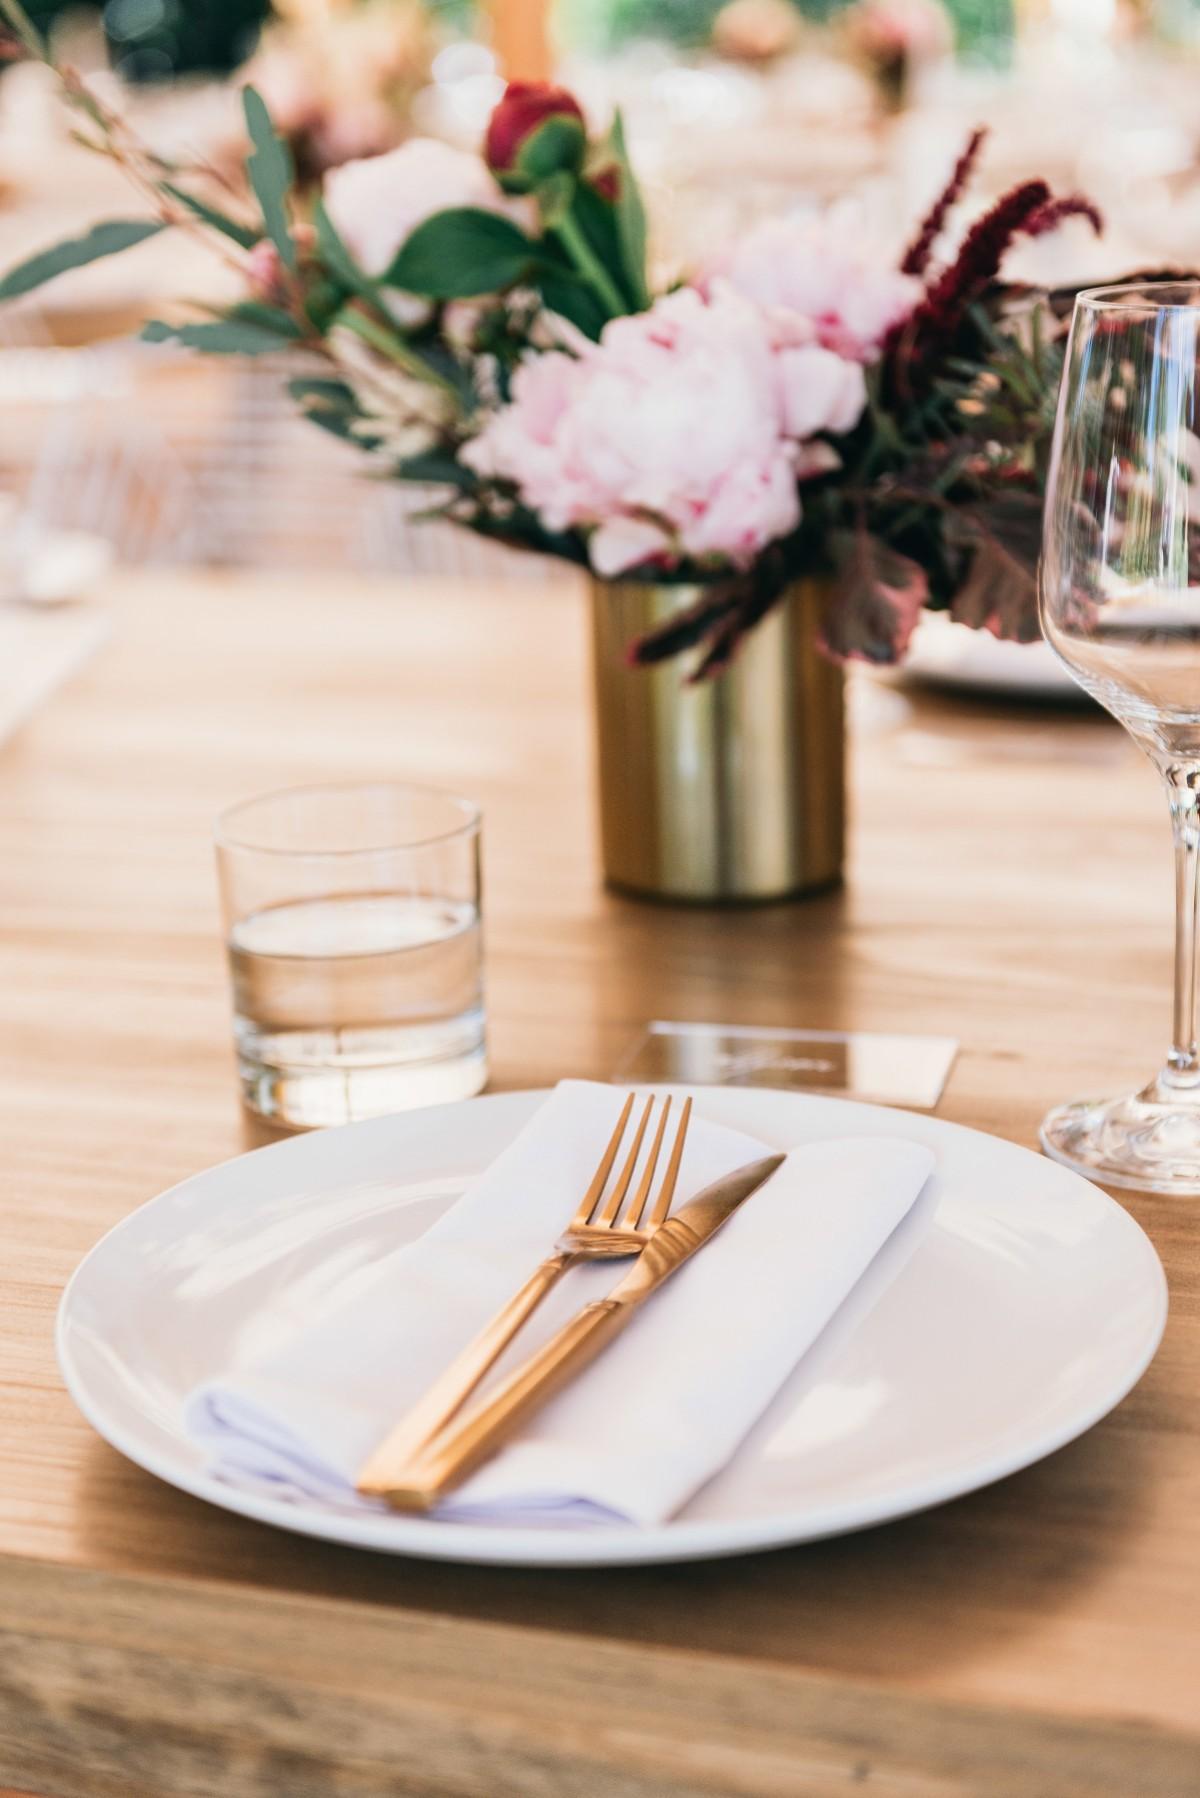 Real Wedding: Kathy and Glenn, Newrybar, Byron Bay Wedding | Hampton Event Hire, wedding and event hire | Image via Figtree Wedding Photography